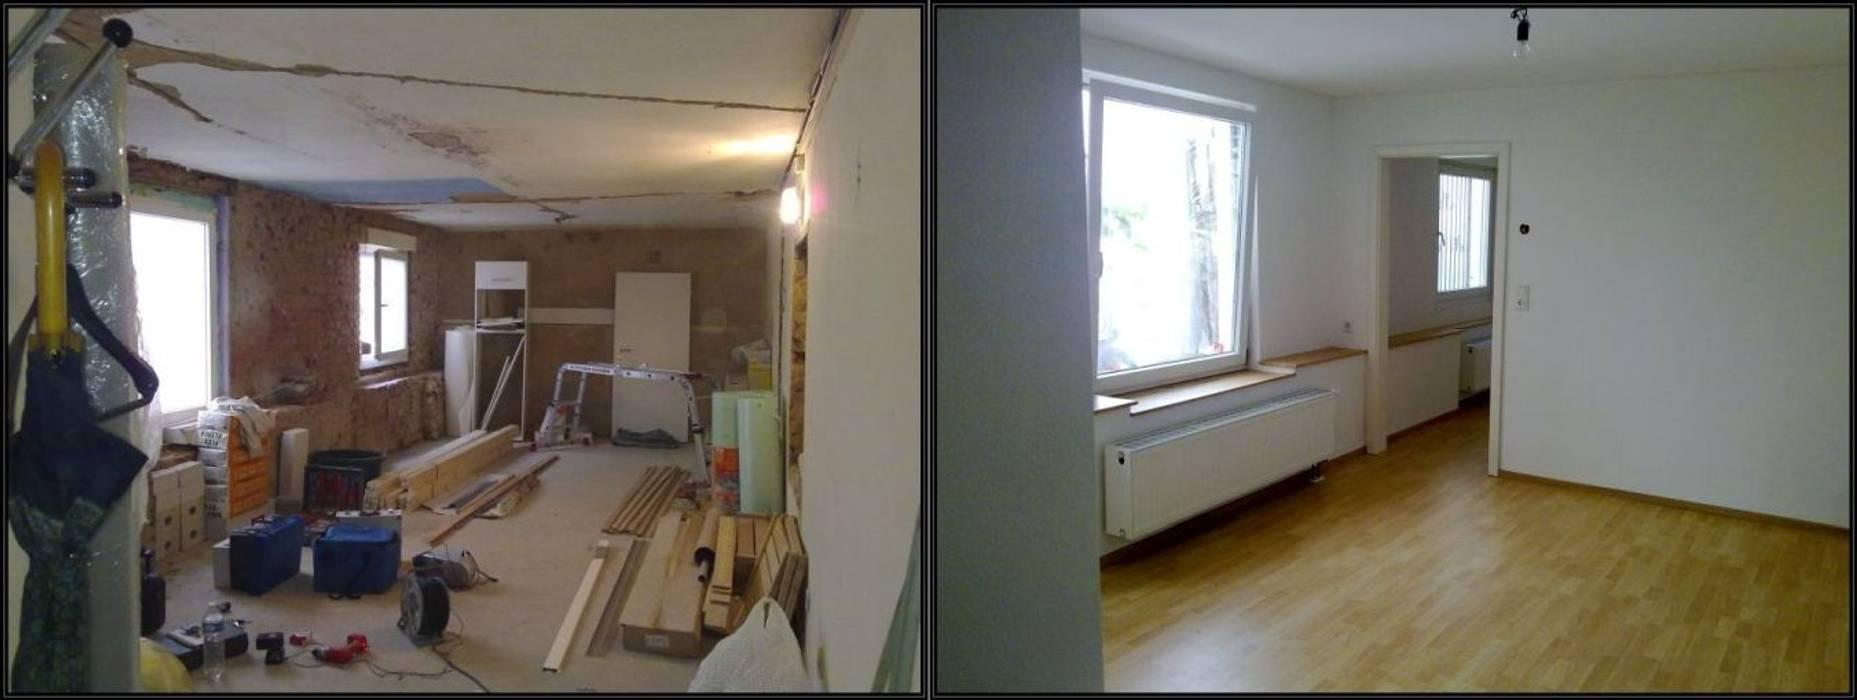 Apartment creation von Neil Brown - Handyman & Renovations